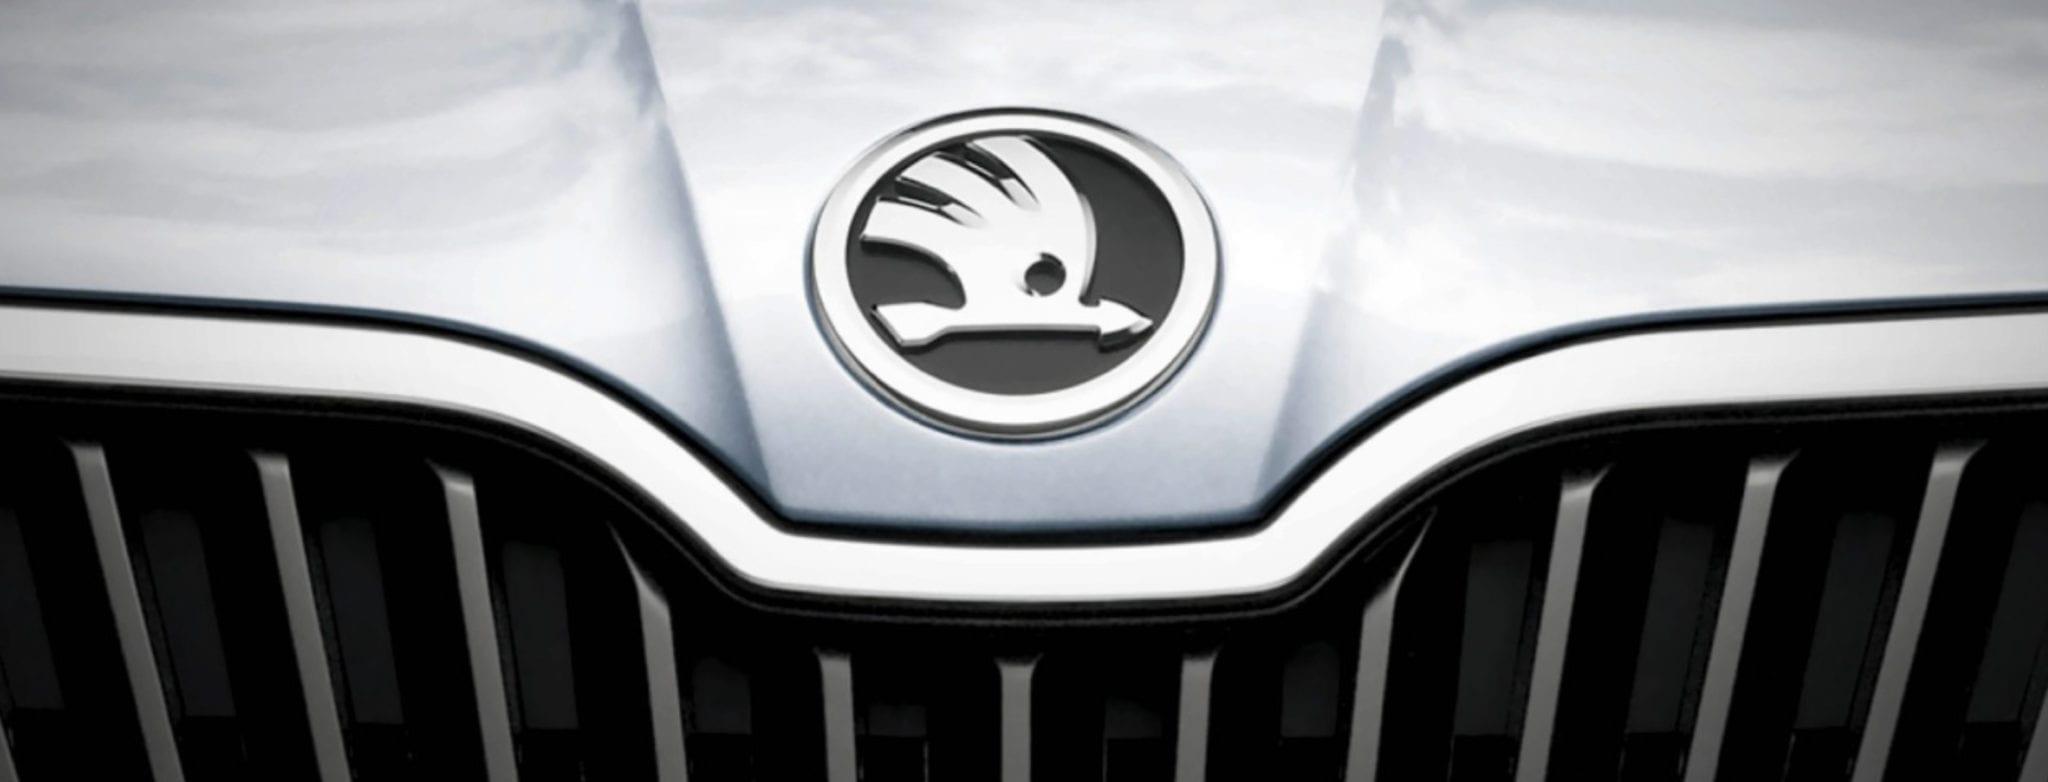 Kühlergrill und Motorhaube mit Skoda Logo